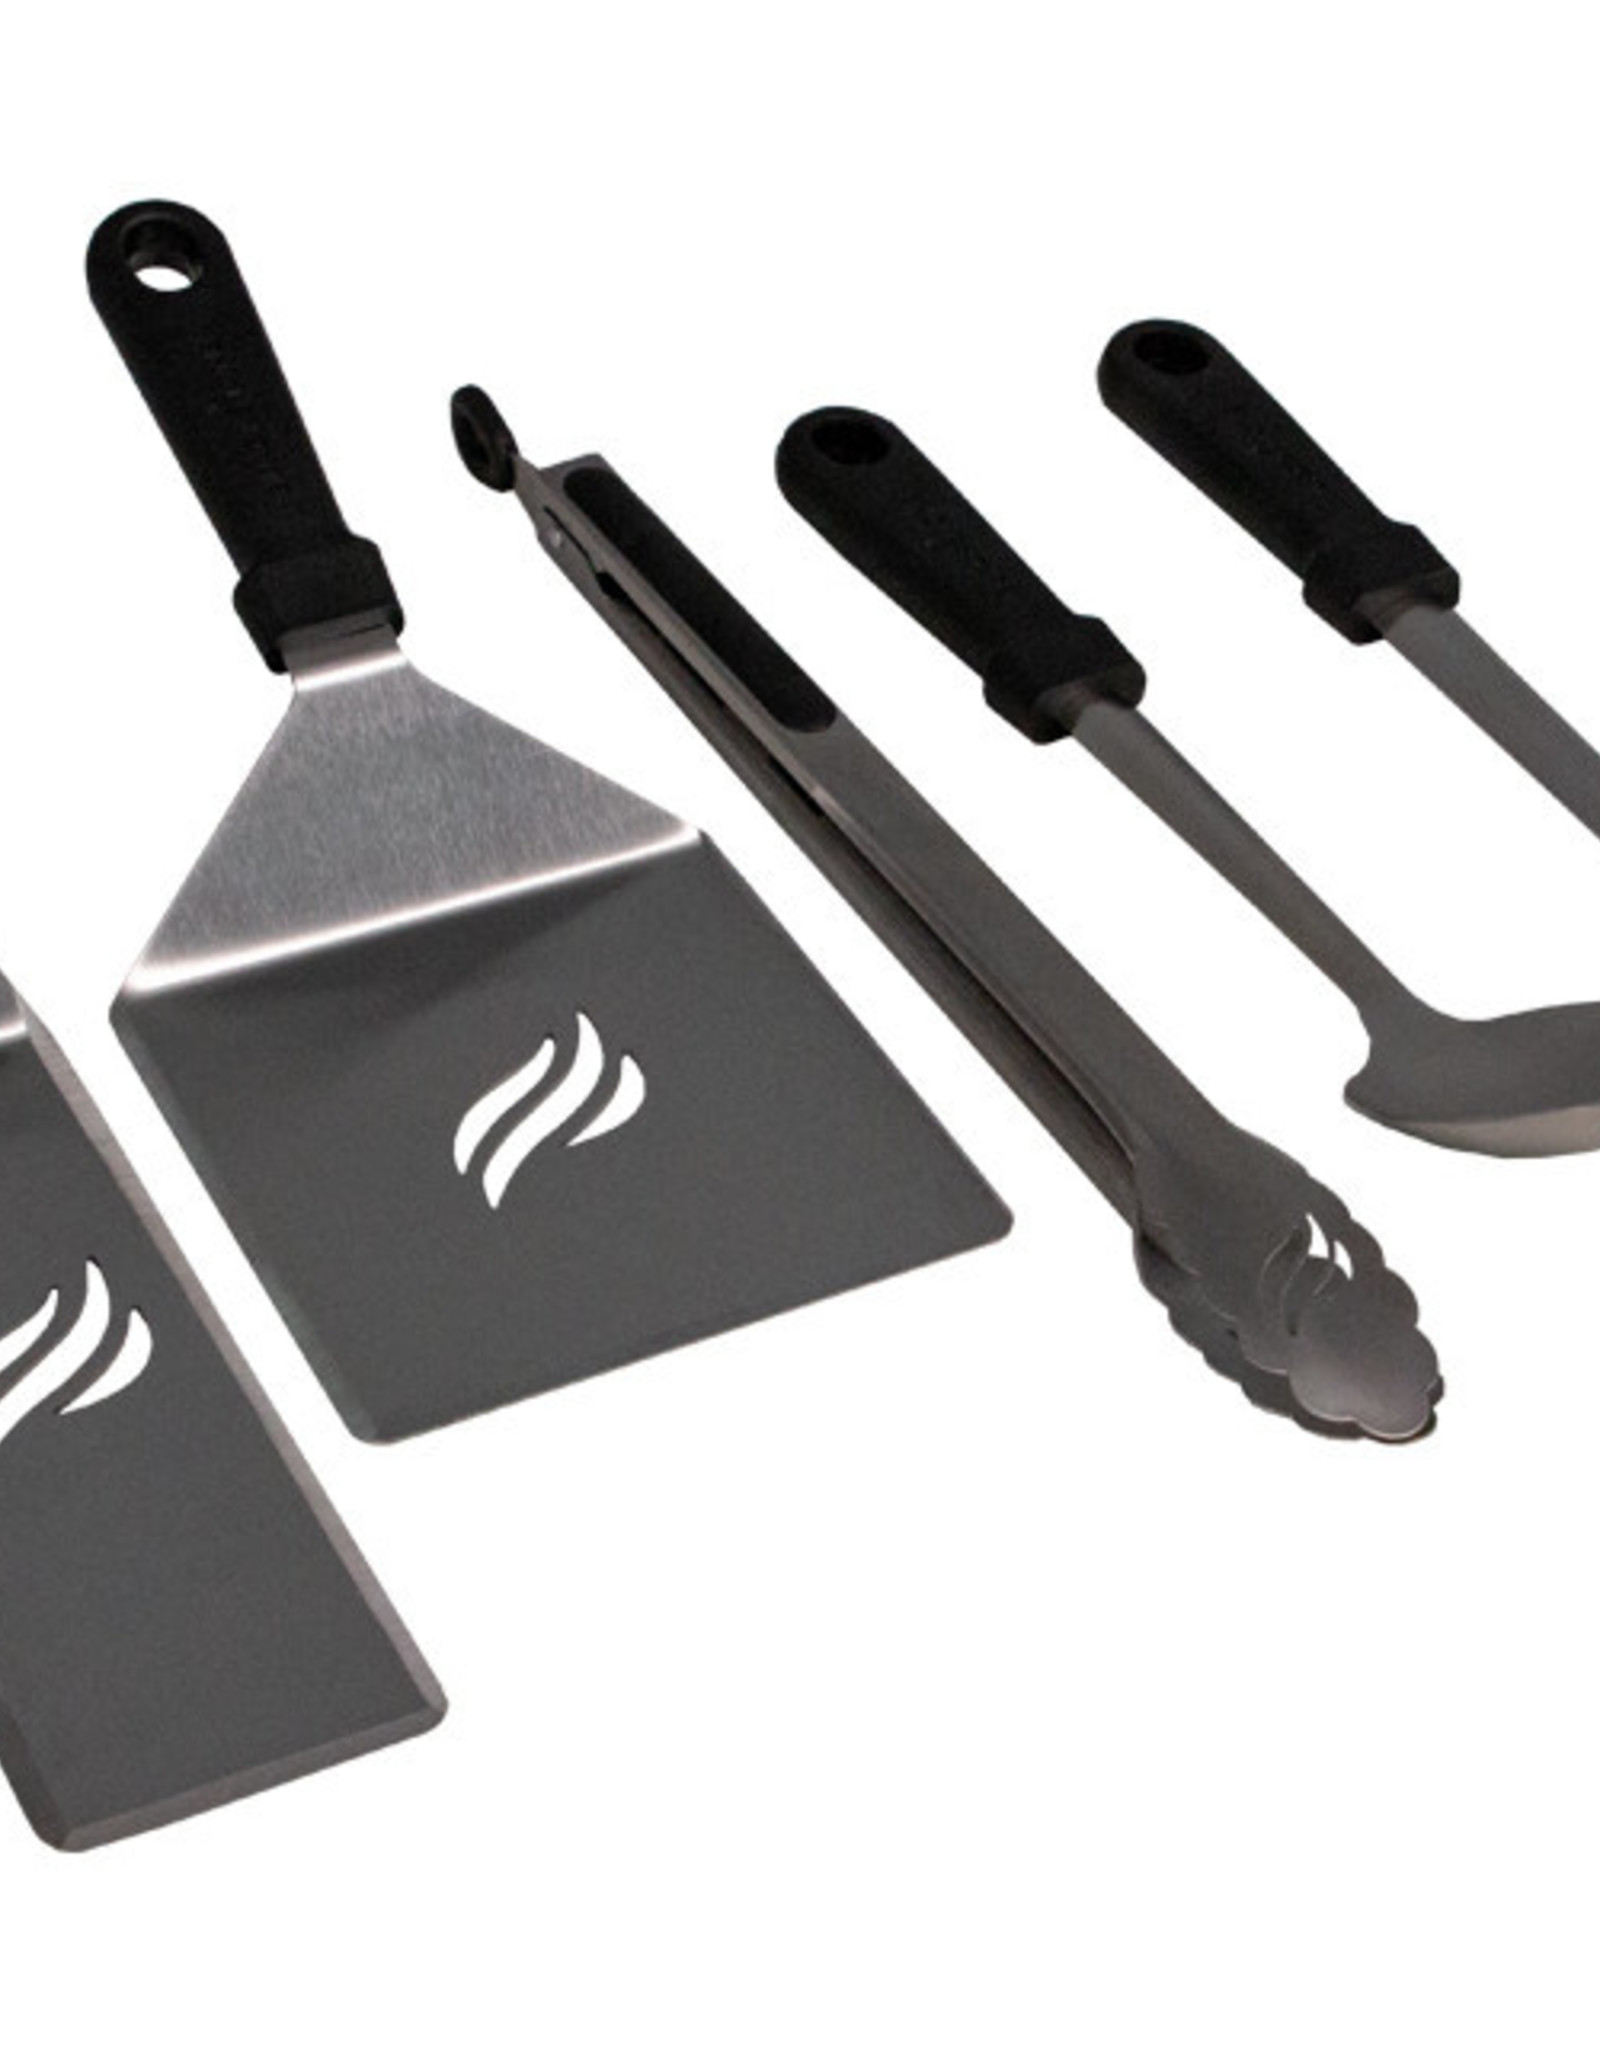 Blackstone Blackstone 5-Piece Outdoor Cooking Set 5045